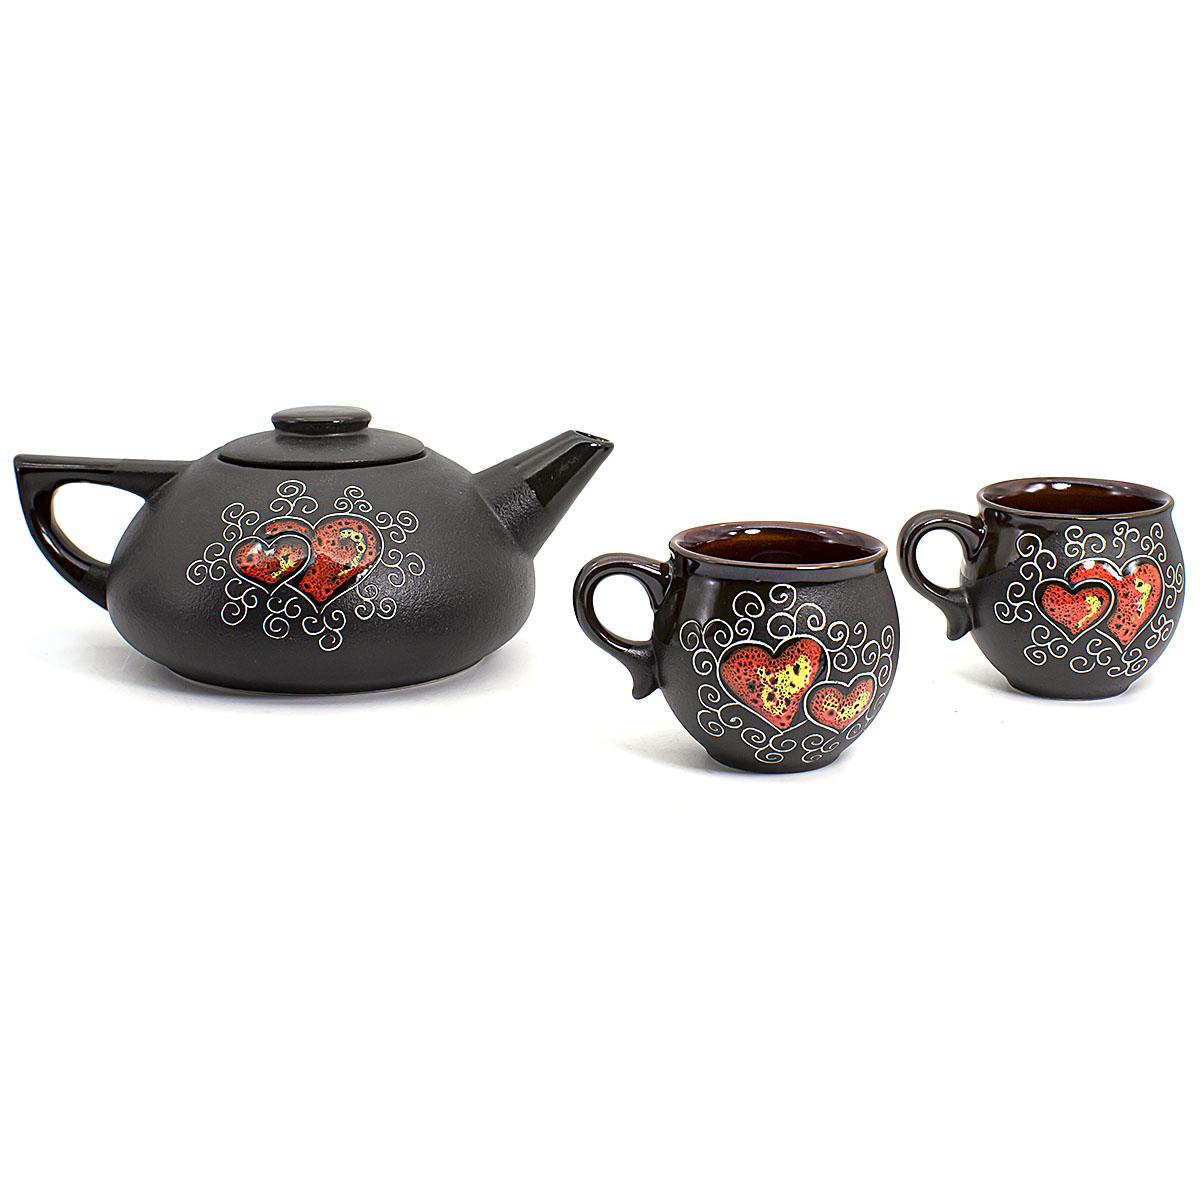 цена на Набор Пылающие сердца: 2 чашки 200 мл и чайник 750 мл